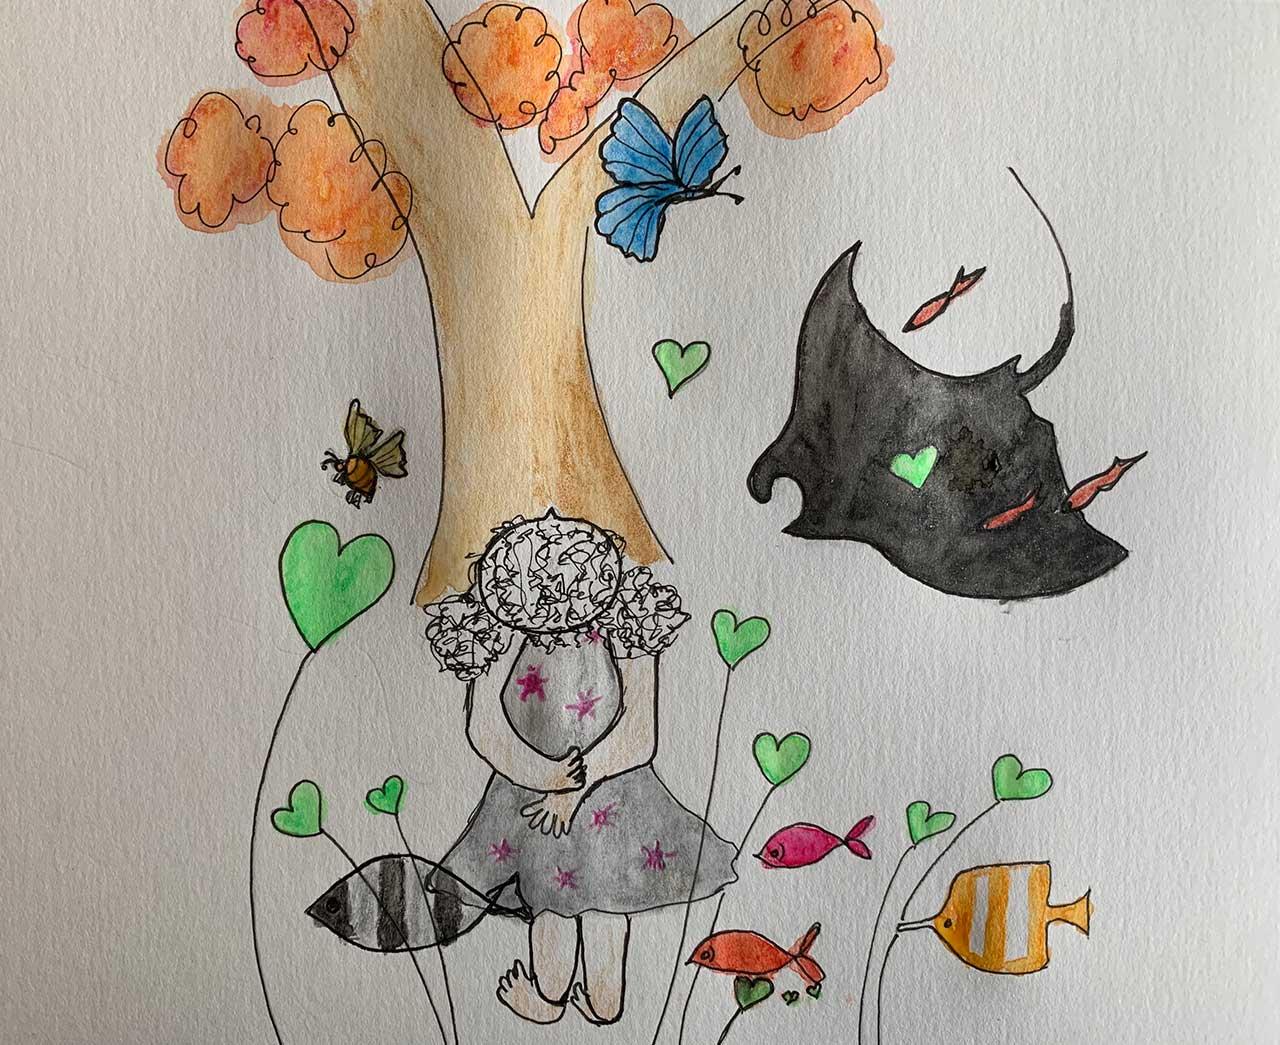 Illustrated by: Anjan Prakash